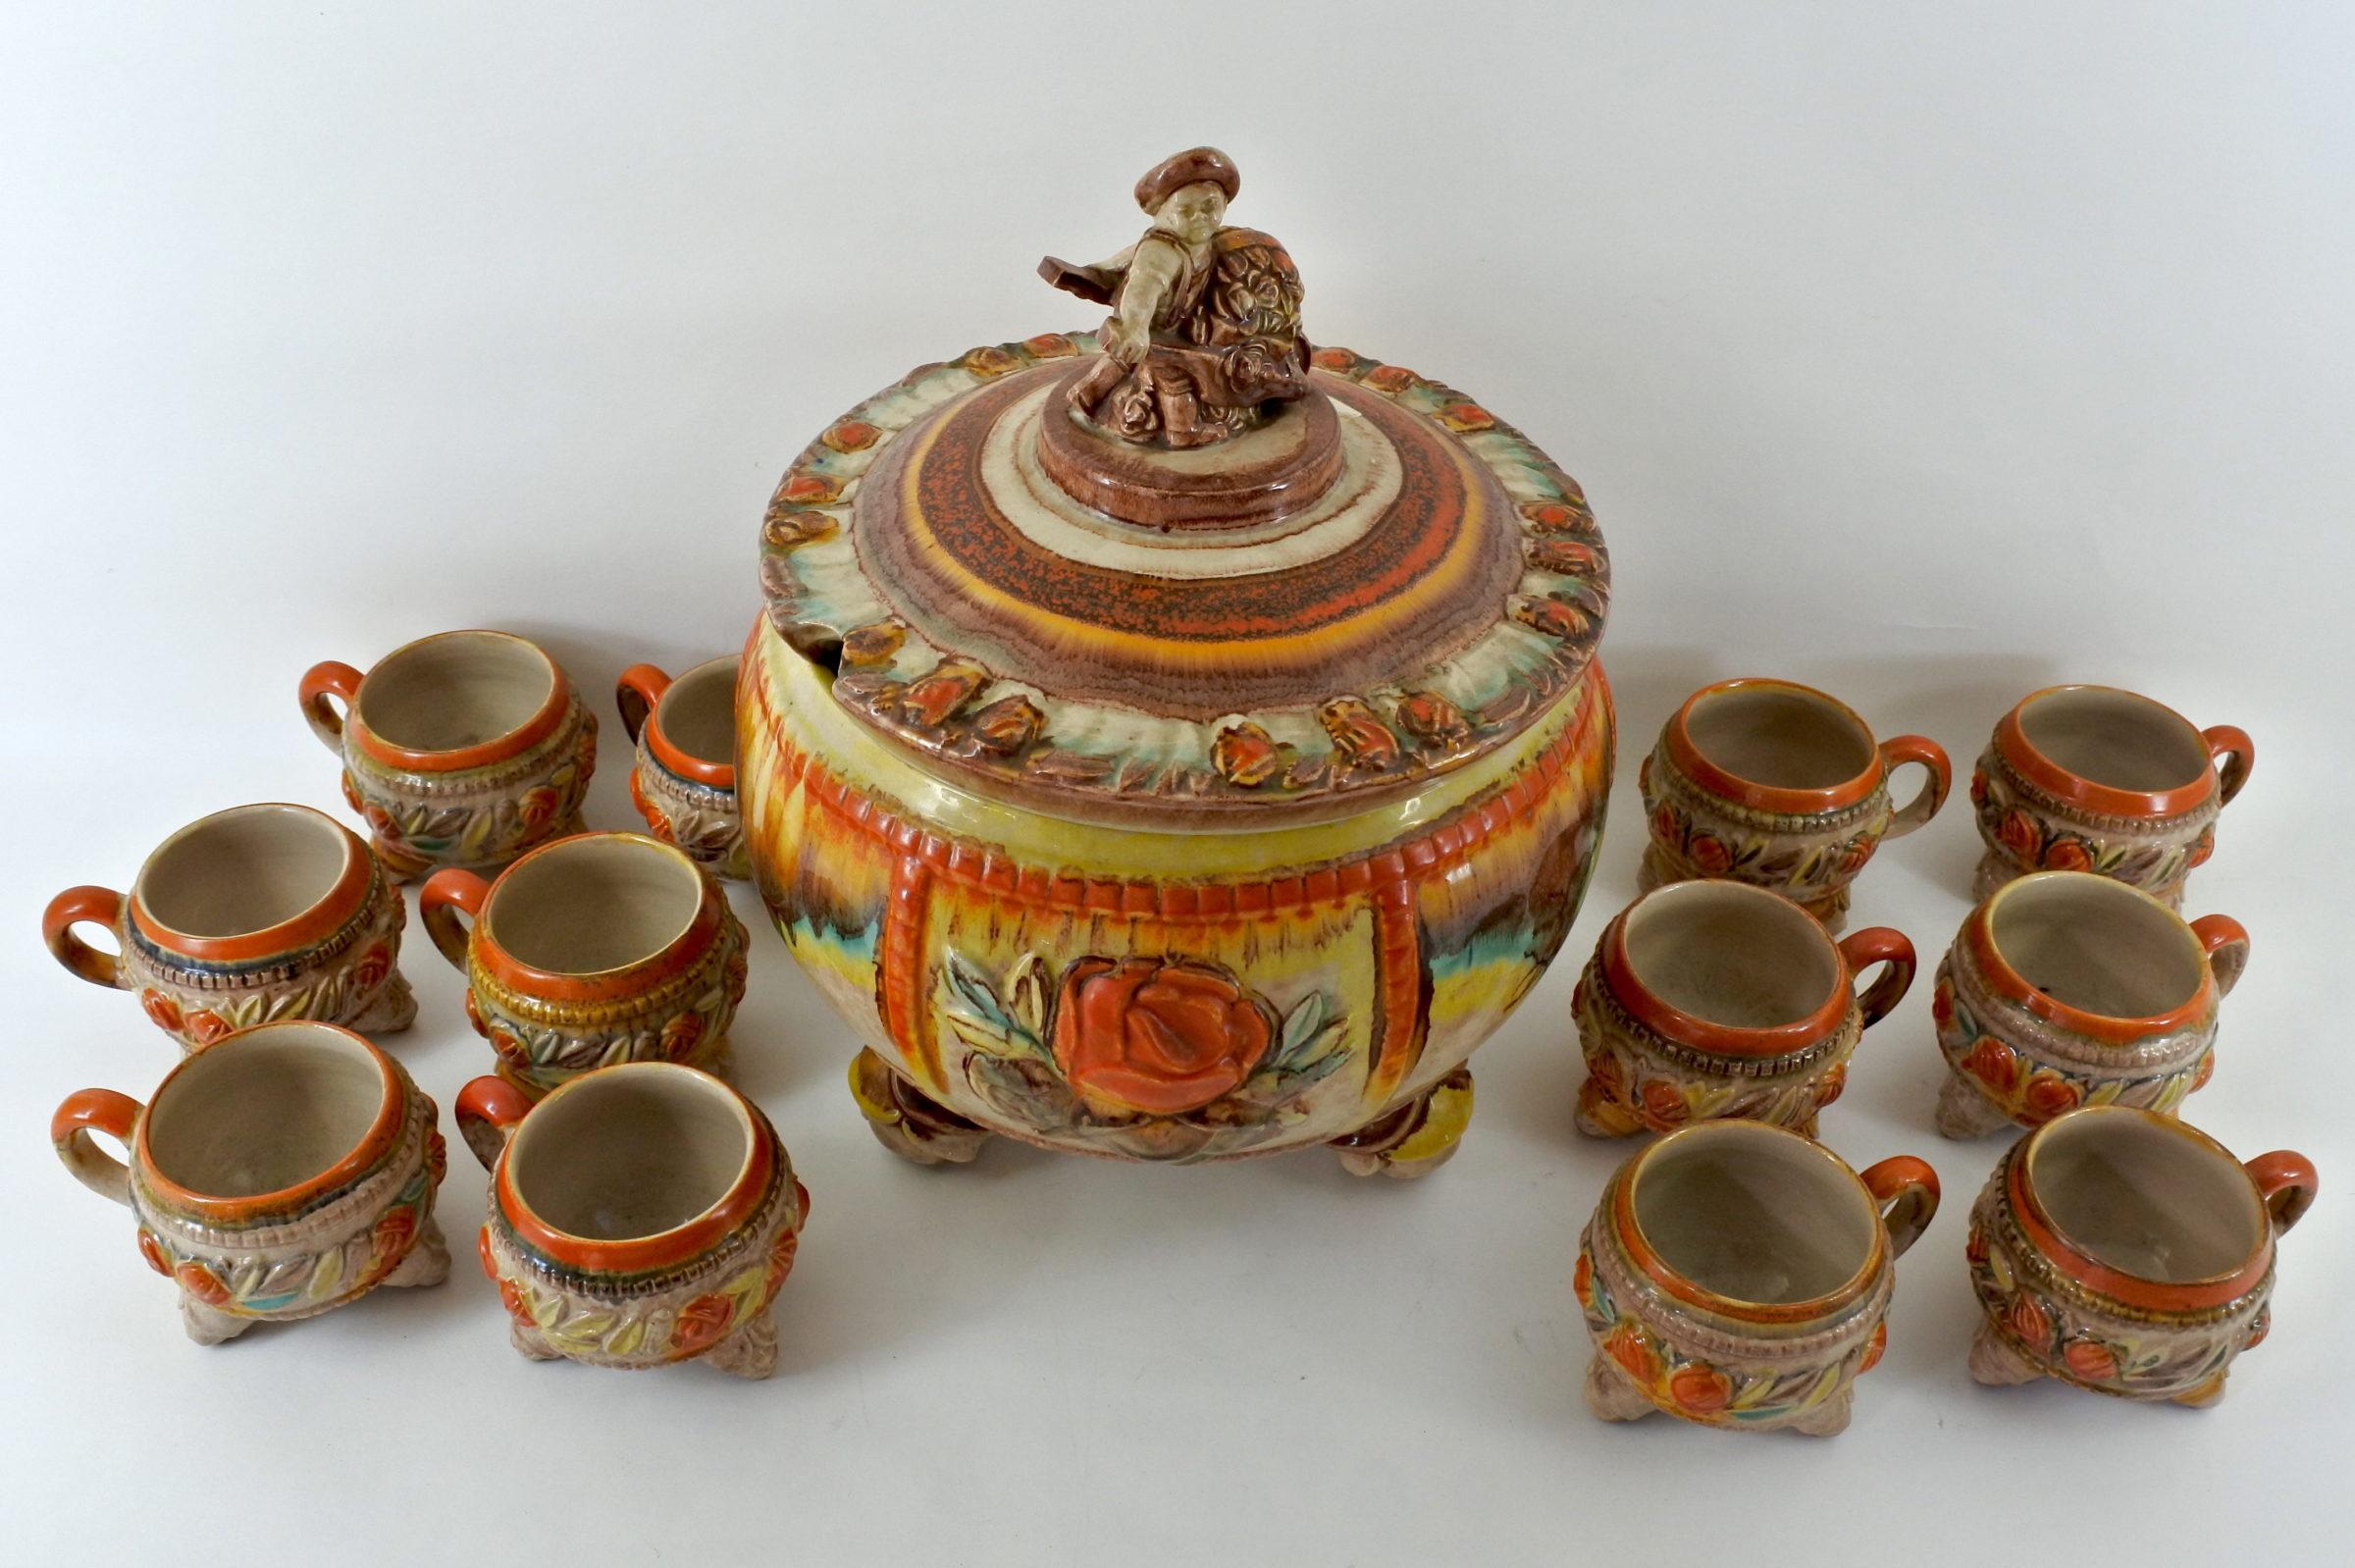 Ciotola per punch in ceramica tedesca - 2